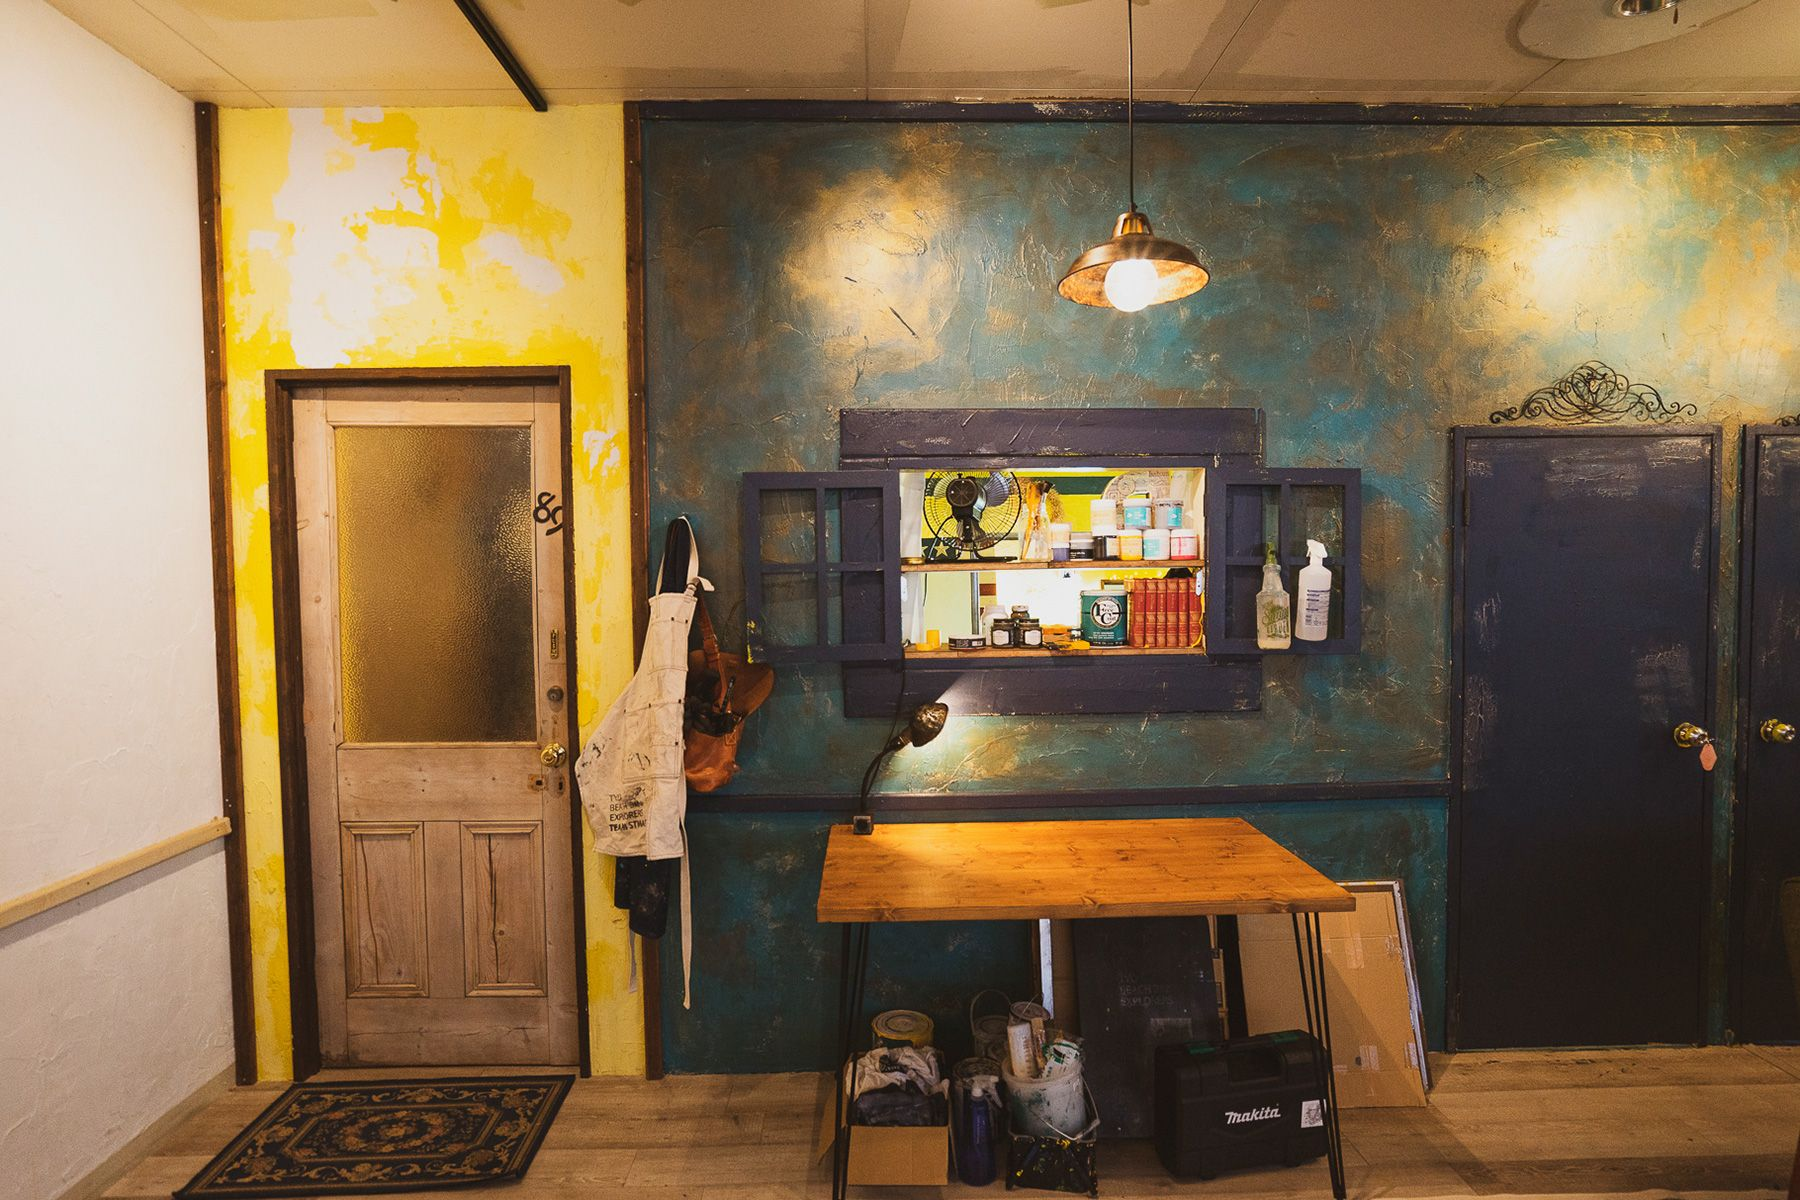 Port of D Studio  (ポートオブDスタジオ)リニューアル ブルーの壁